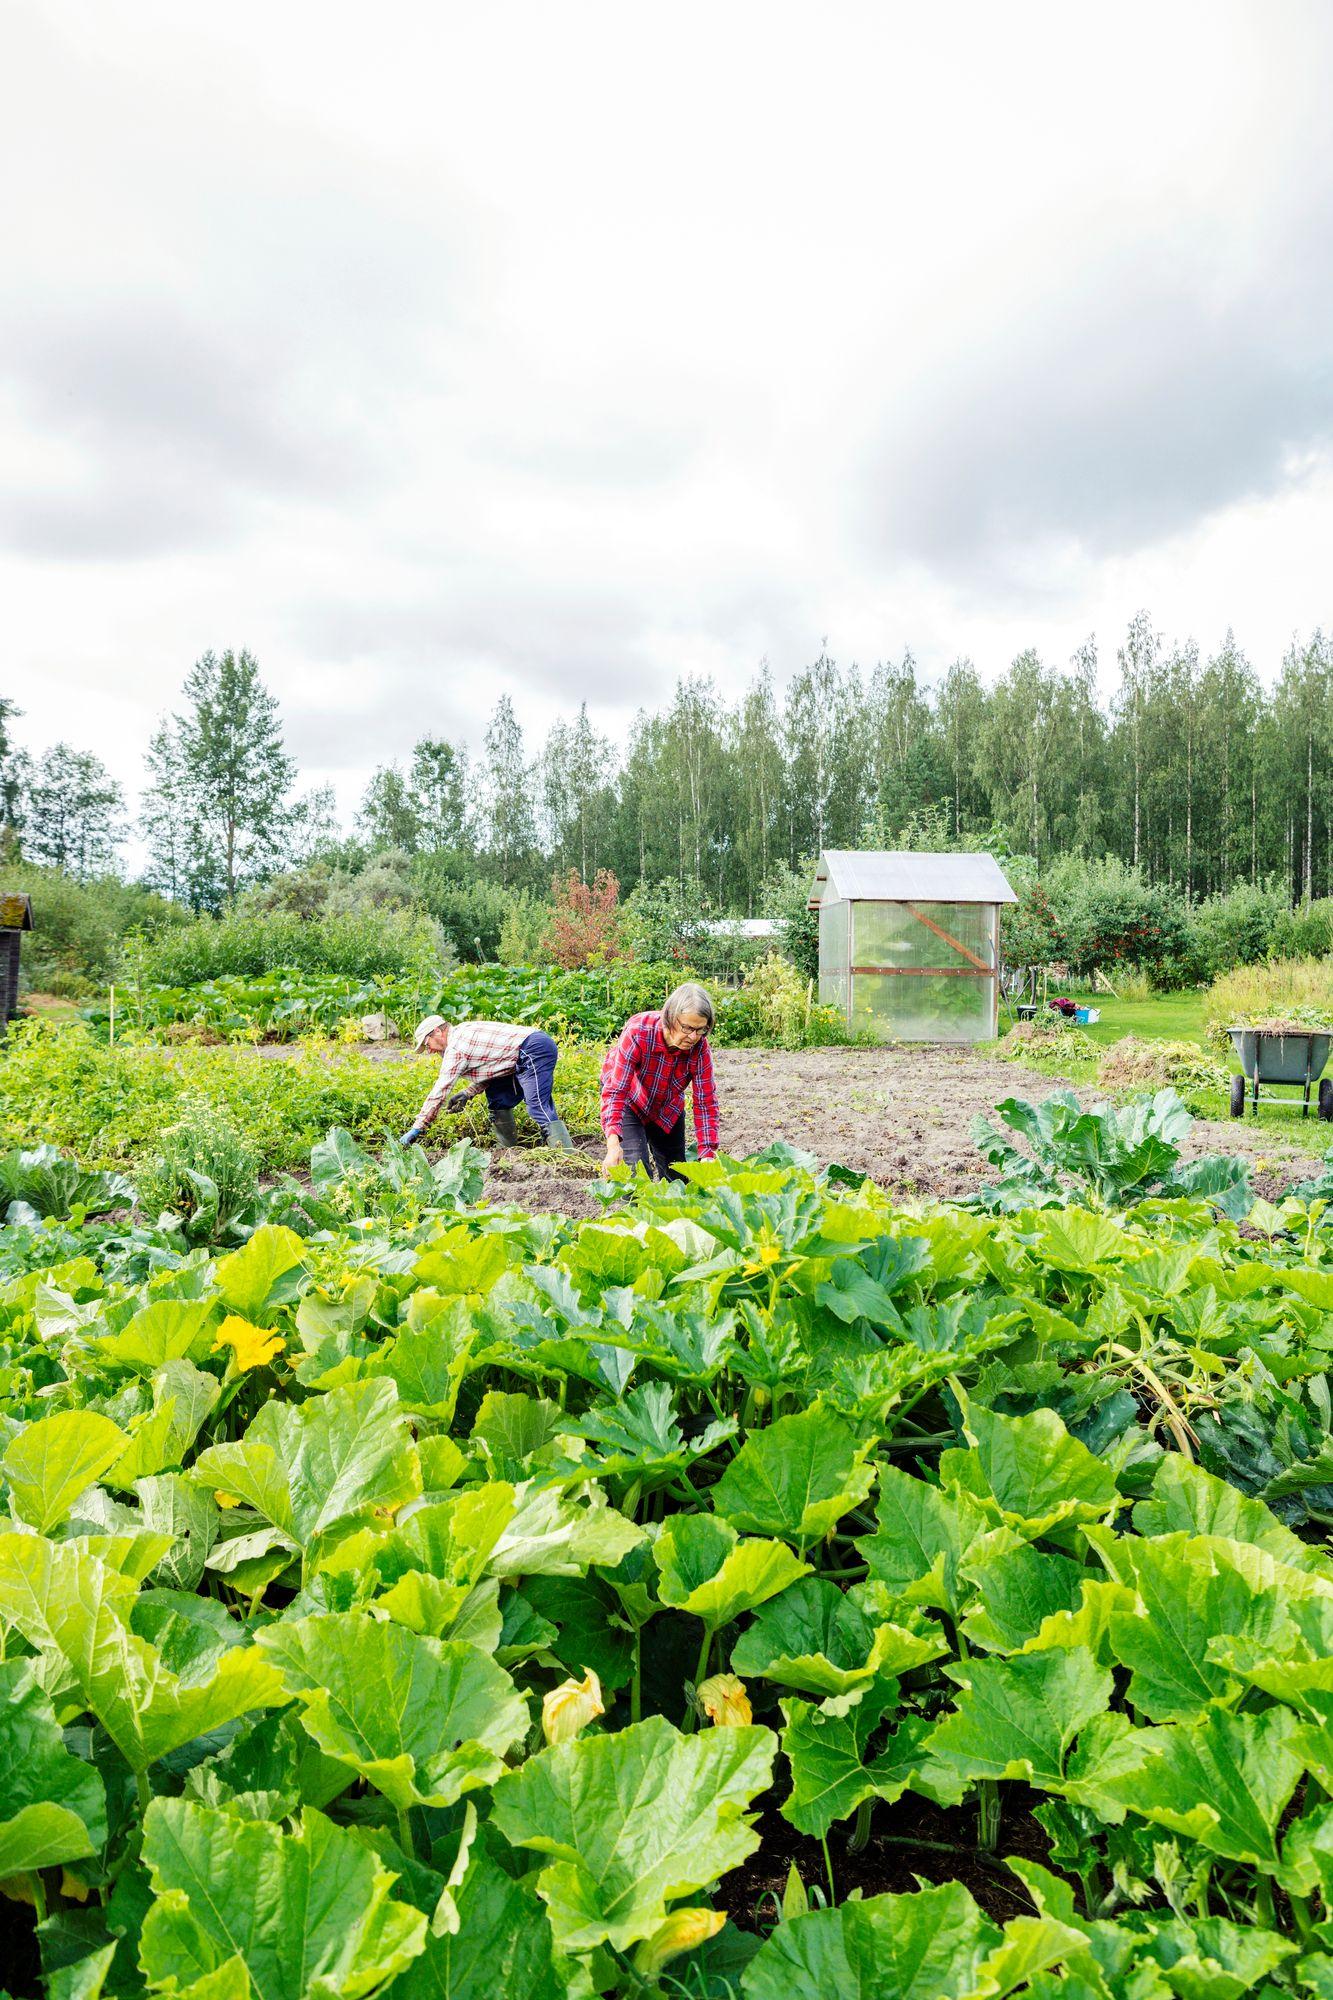 Jättikasvisharrastus yhdistää Markku ja Vuokko Untilaa. © Pihla Liukkonen